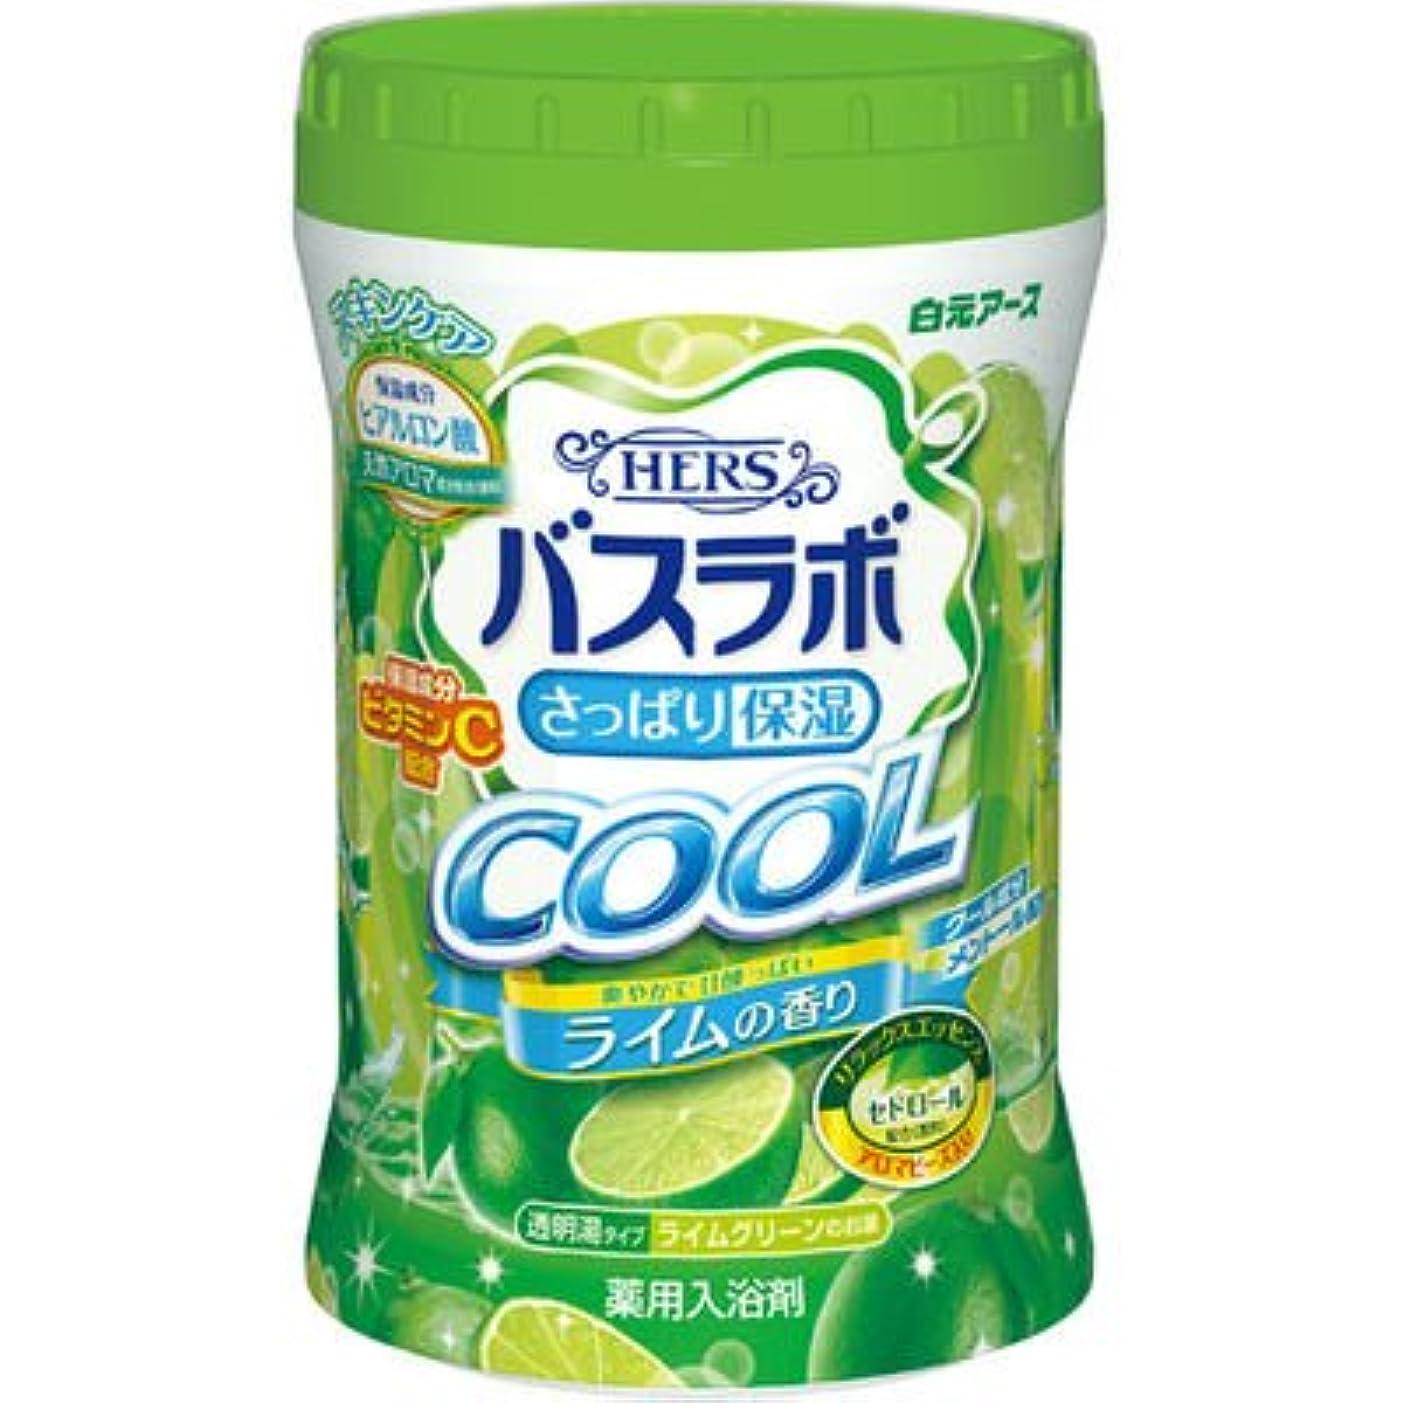 賢明な光沢苦行白元アース HERSバスラボ さっぱり保湿 COOL ライムの香り 640g E537344H